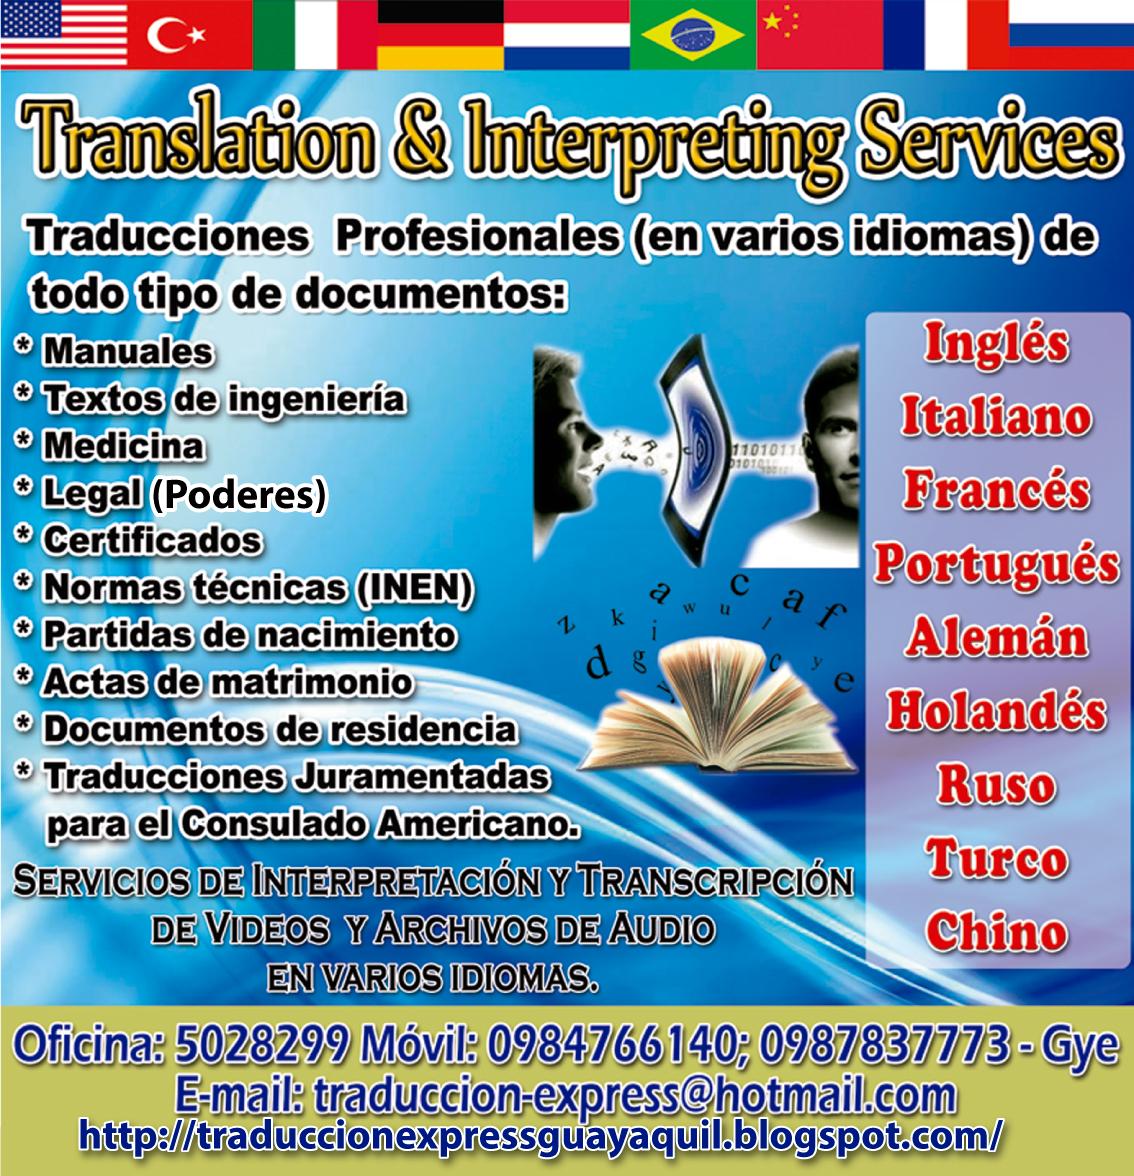 Traduccion Express Guayaquil, Ecuador